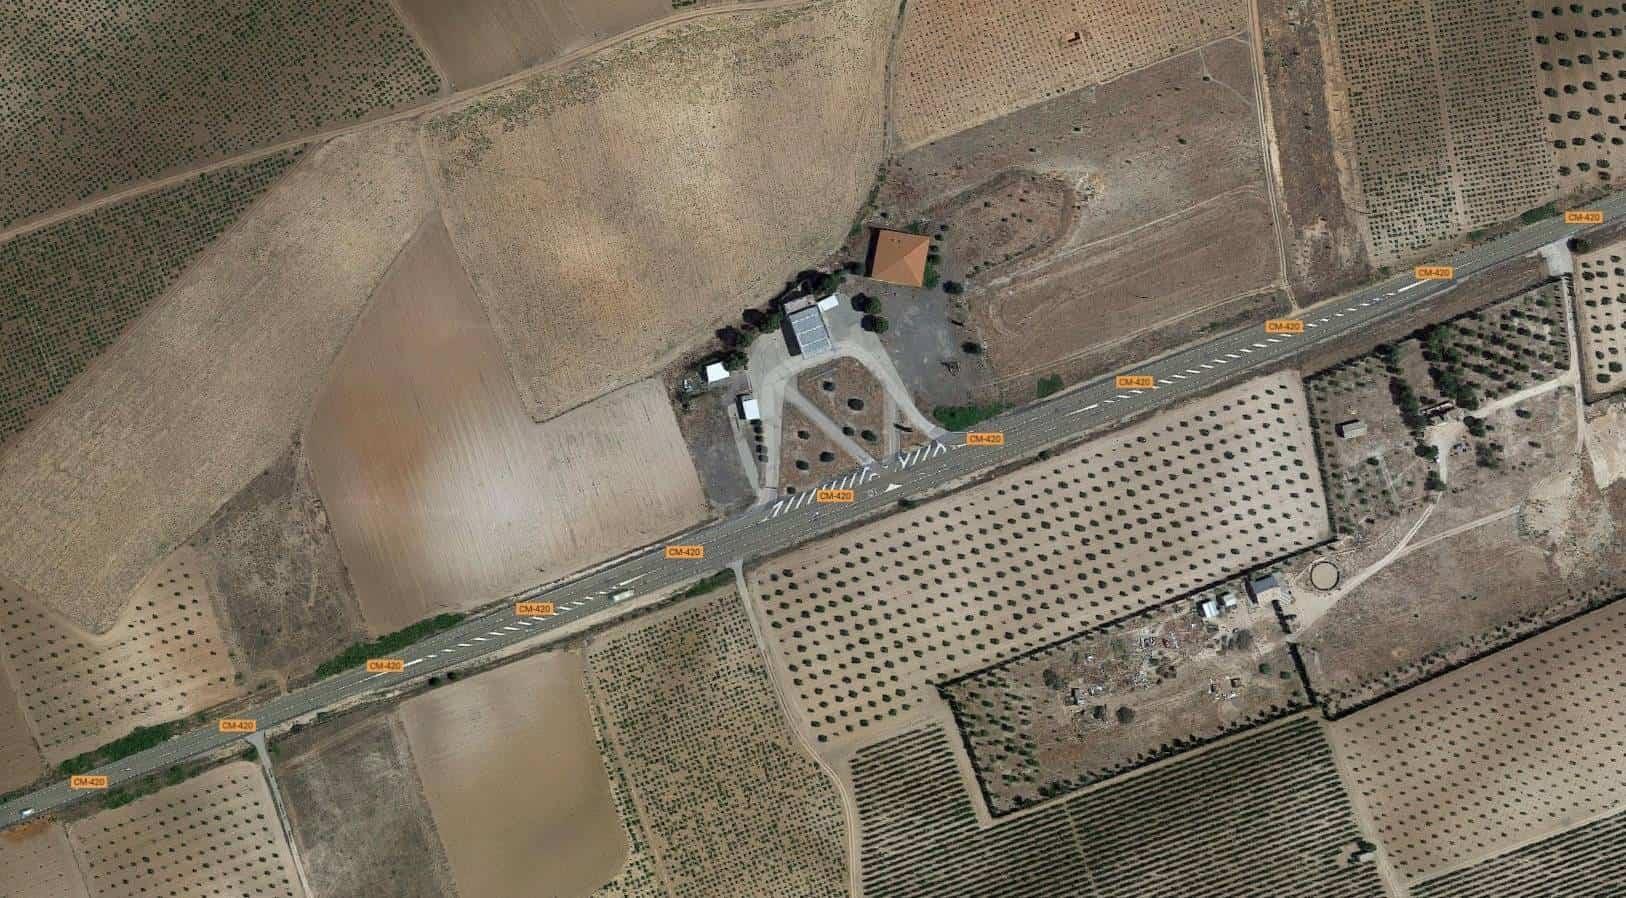 cm 420 herencia puerto lapice vista aerea satelite - Un hombre degüella a otro en la CM-420 a la altura de Herencia